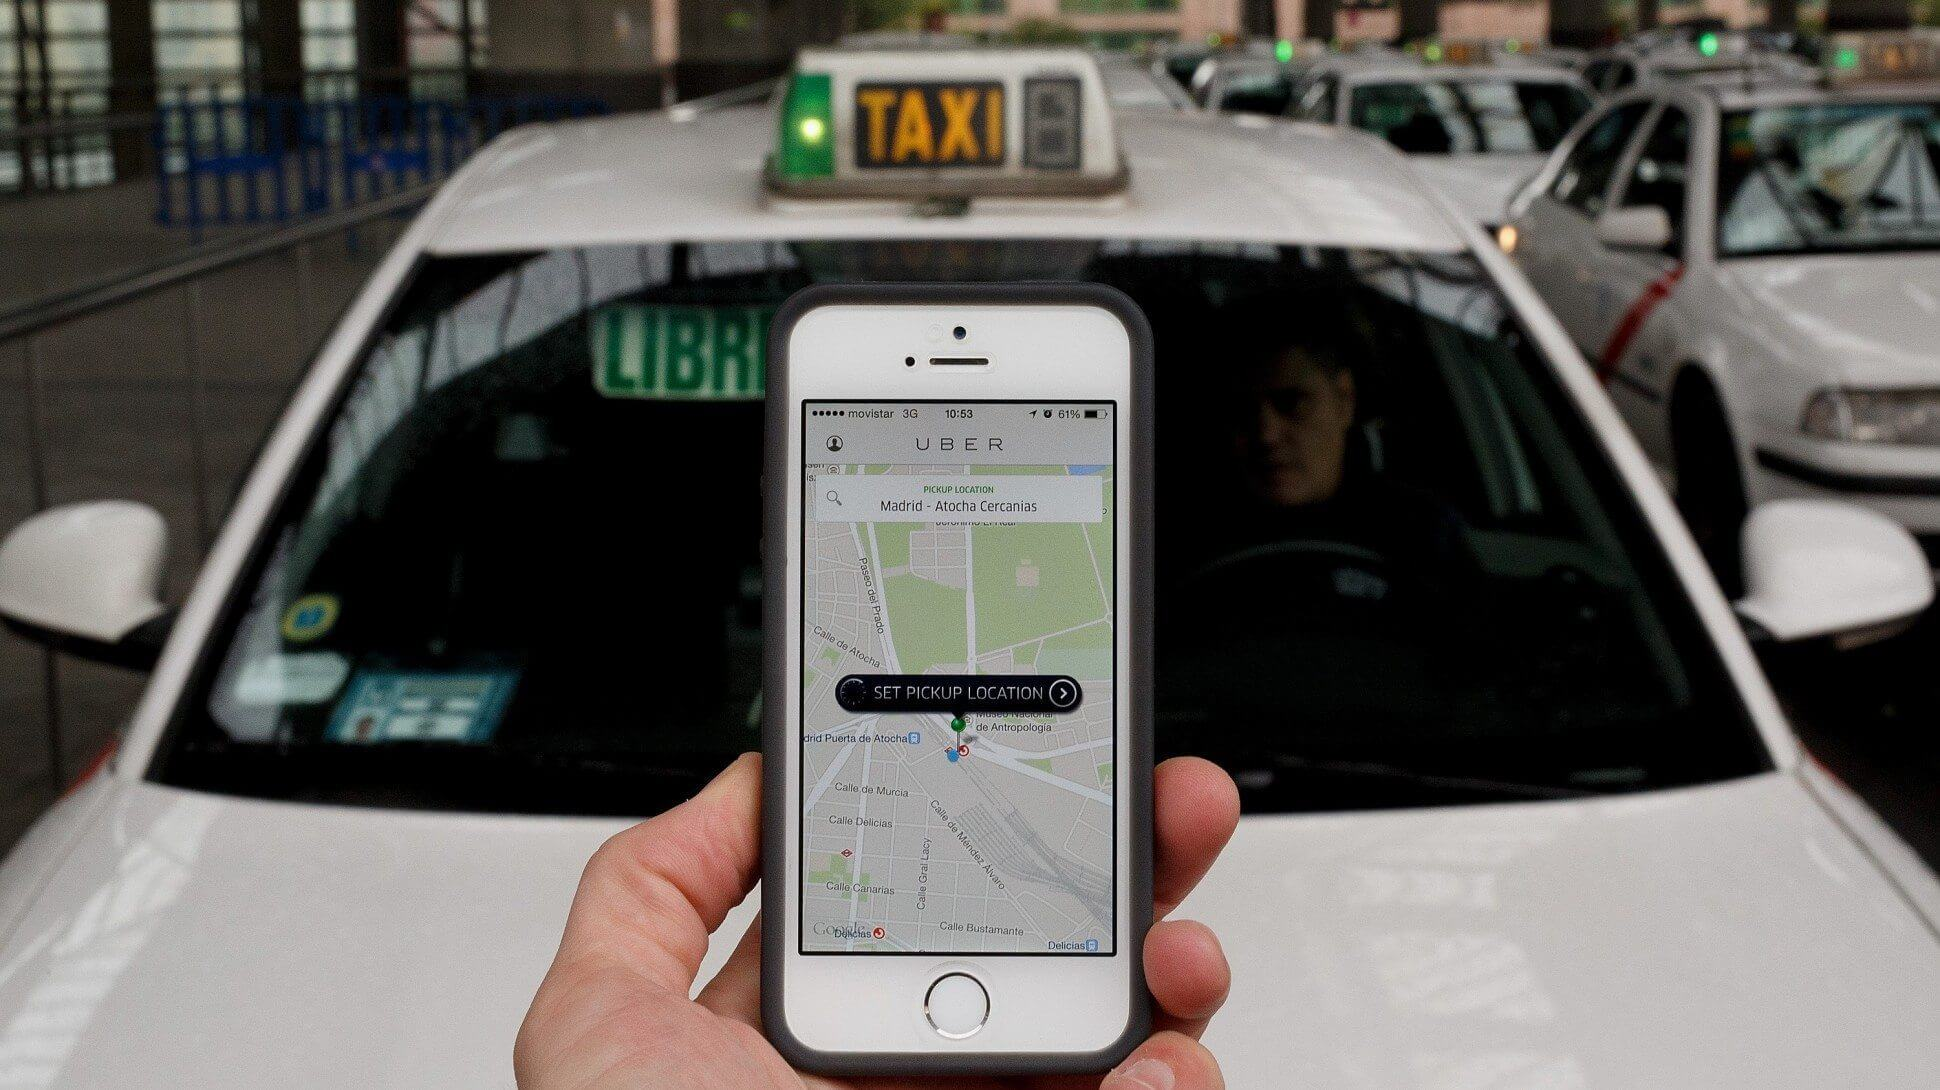 smt uber capa - Com decreto, prefeitura de São Paulo buscar regulamentar o Uber